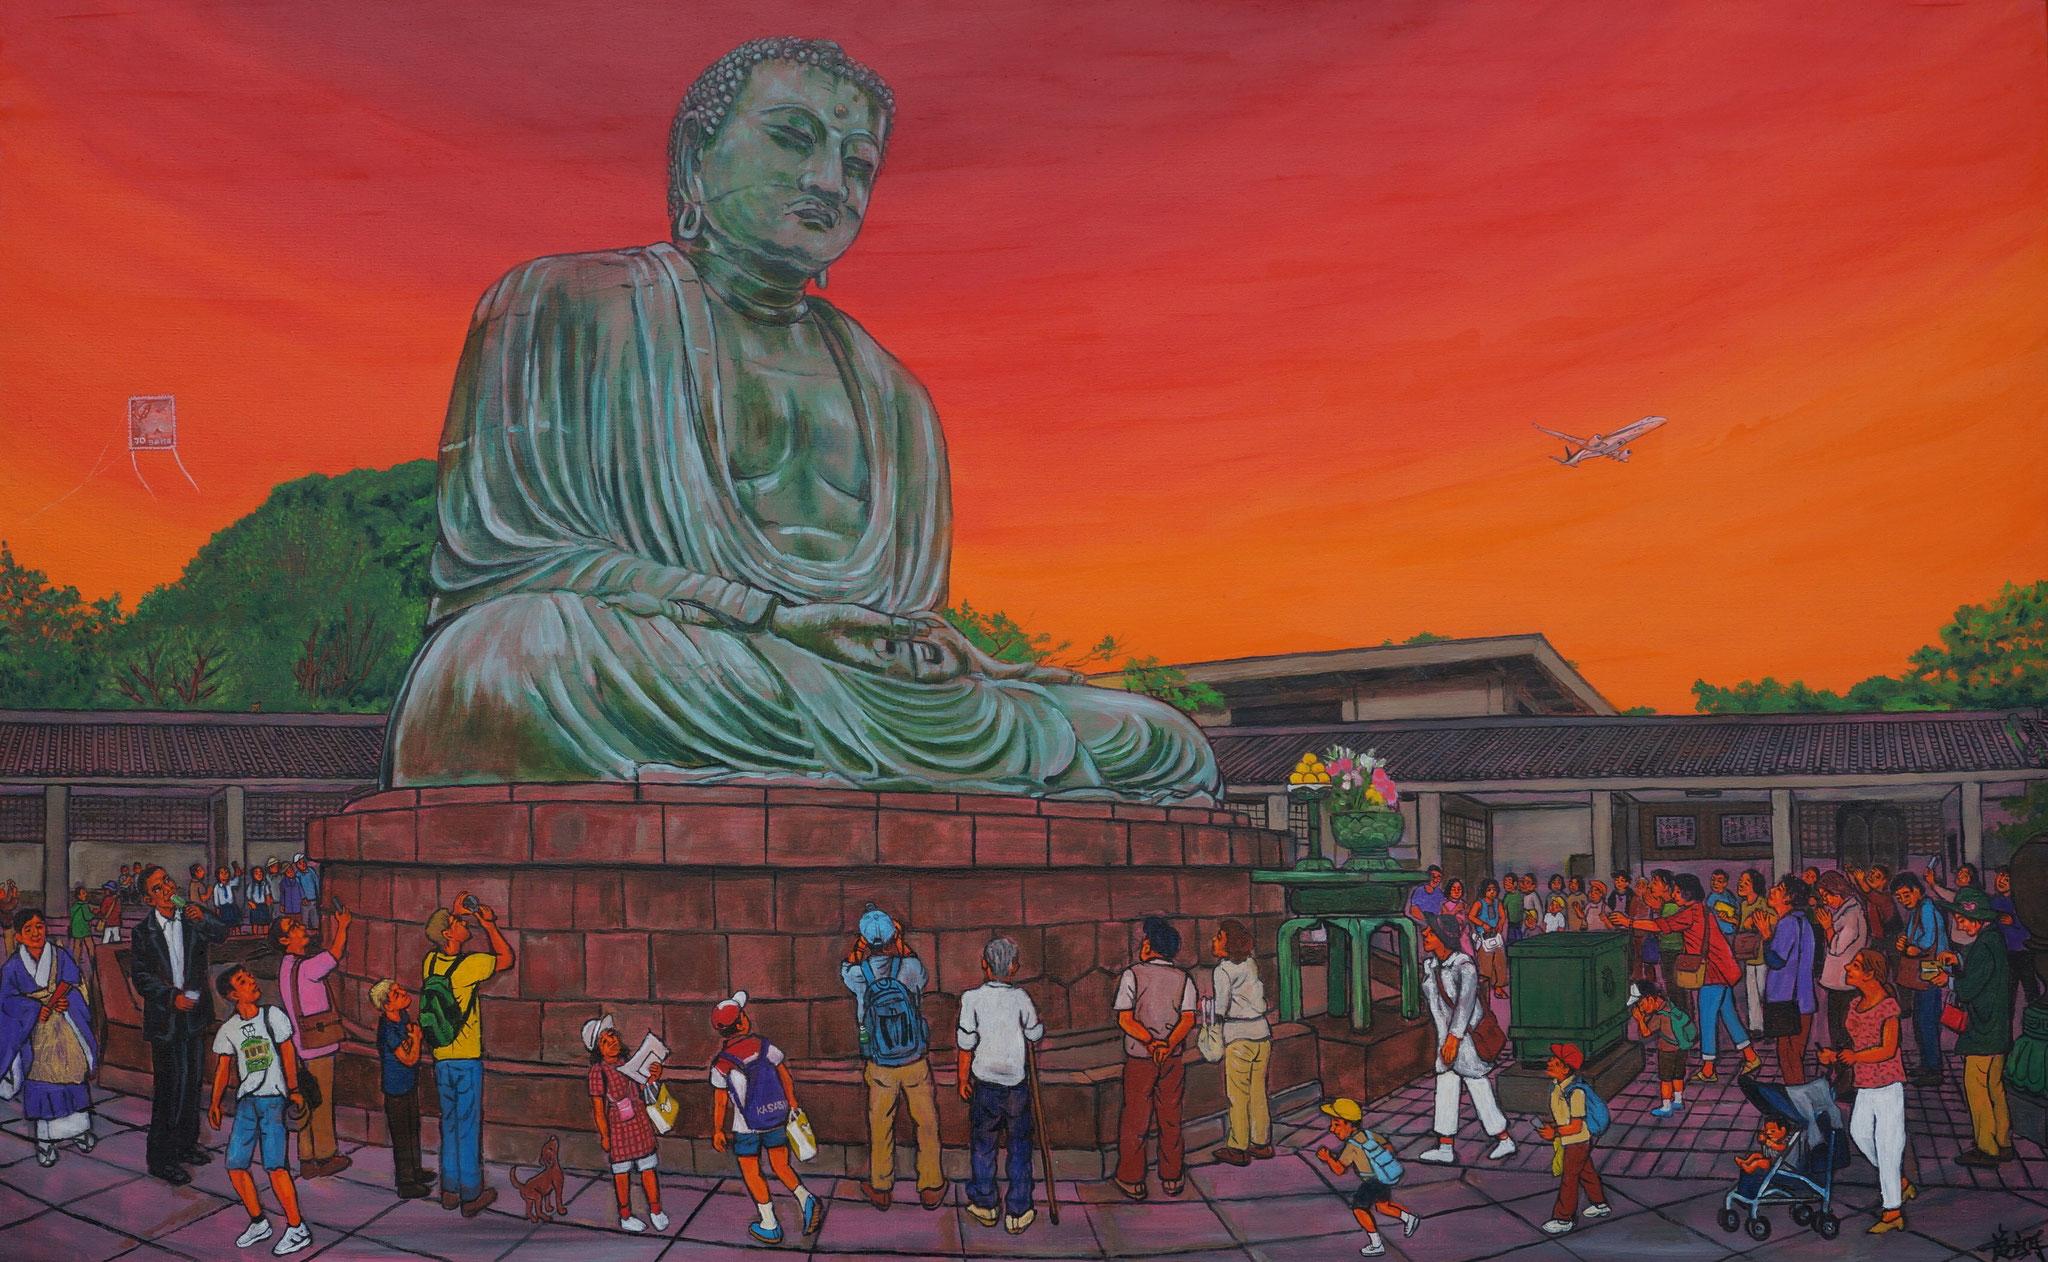 斎藤吾朗 鎌倉の大仏 / Goroh Saitoh  Kamakura Buddha